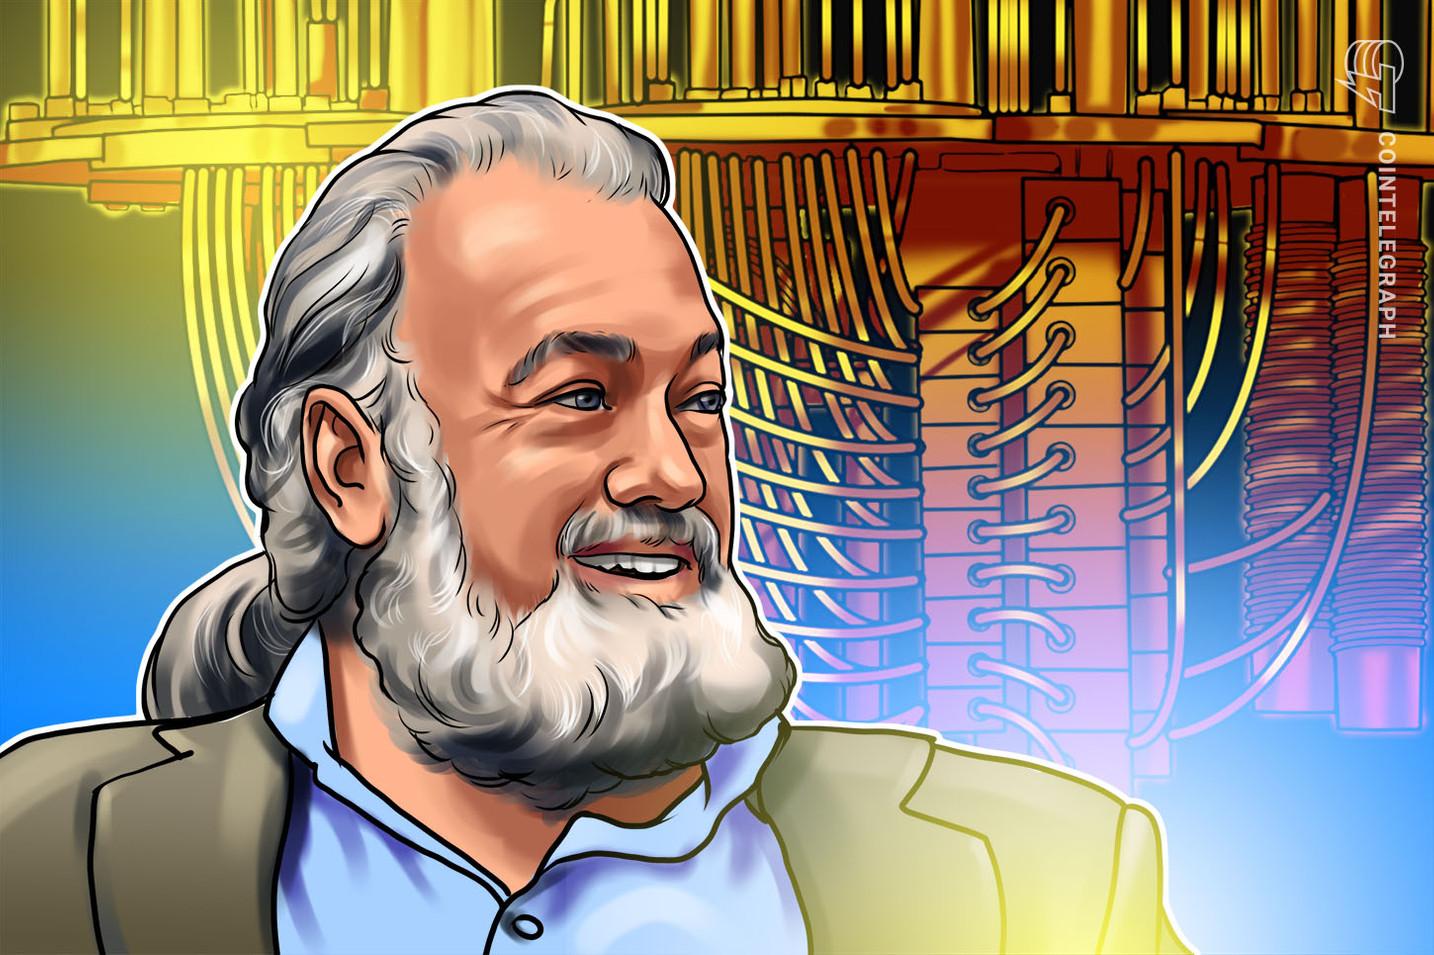 """「デジタル通貨のマンハッタン計画」 """"仮想通貨のゴッドファーザー""""による極秘プロジェクトとは【独自記事】"""